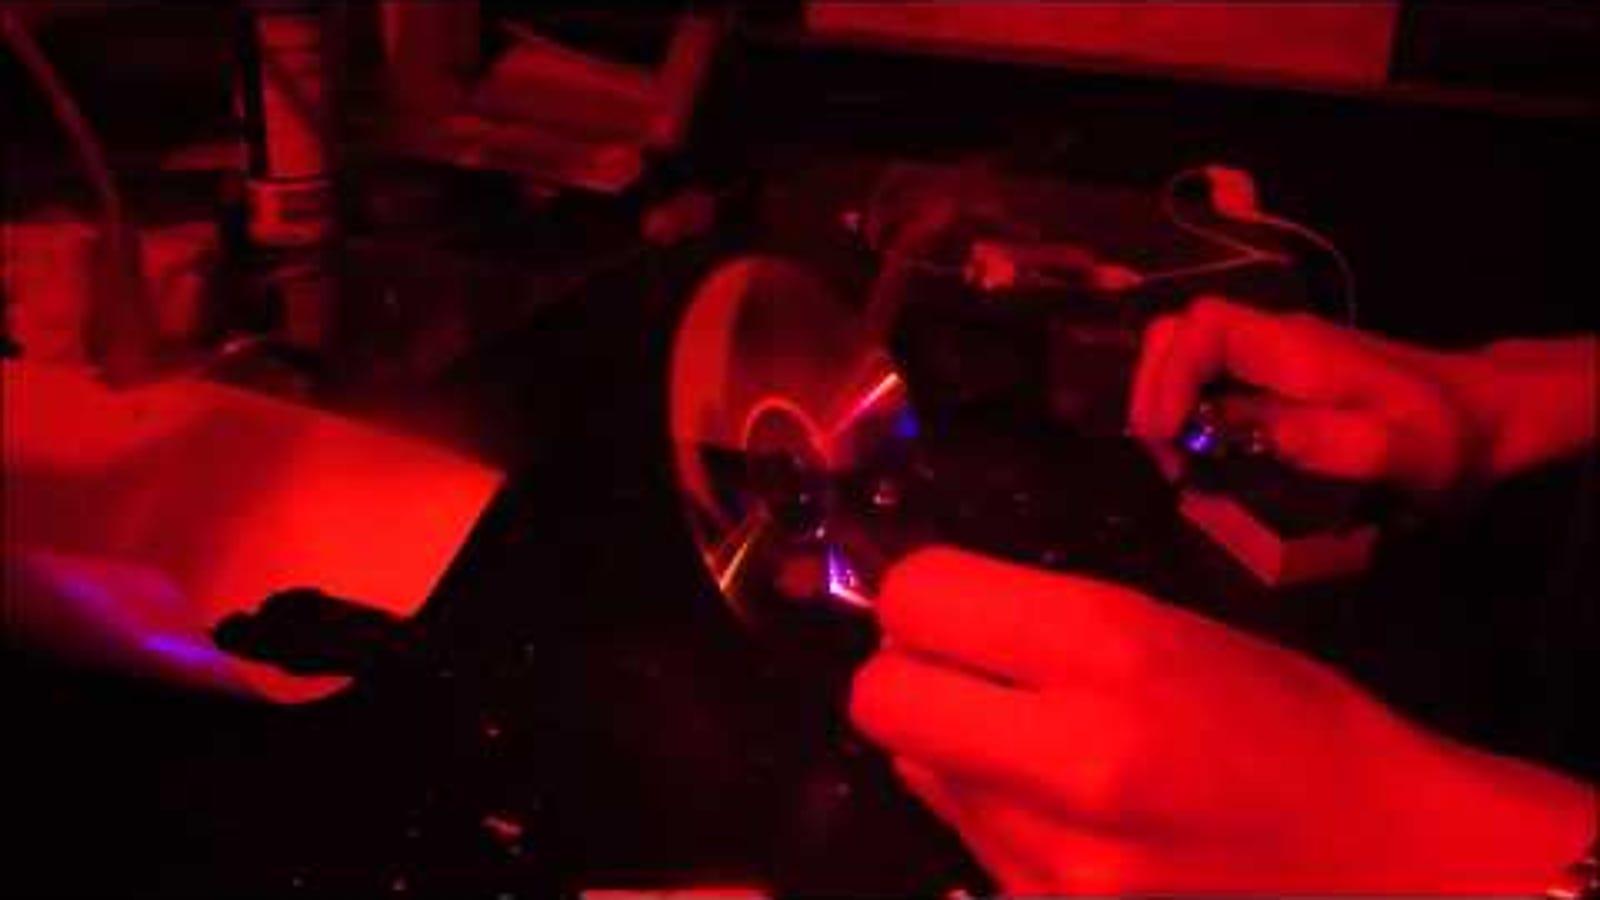 Este Zippo-láser es 1.500 veces más potente que la luz del Sol